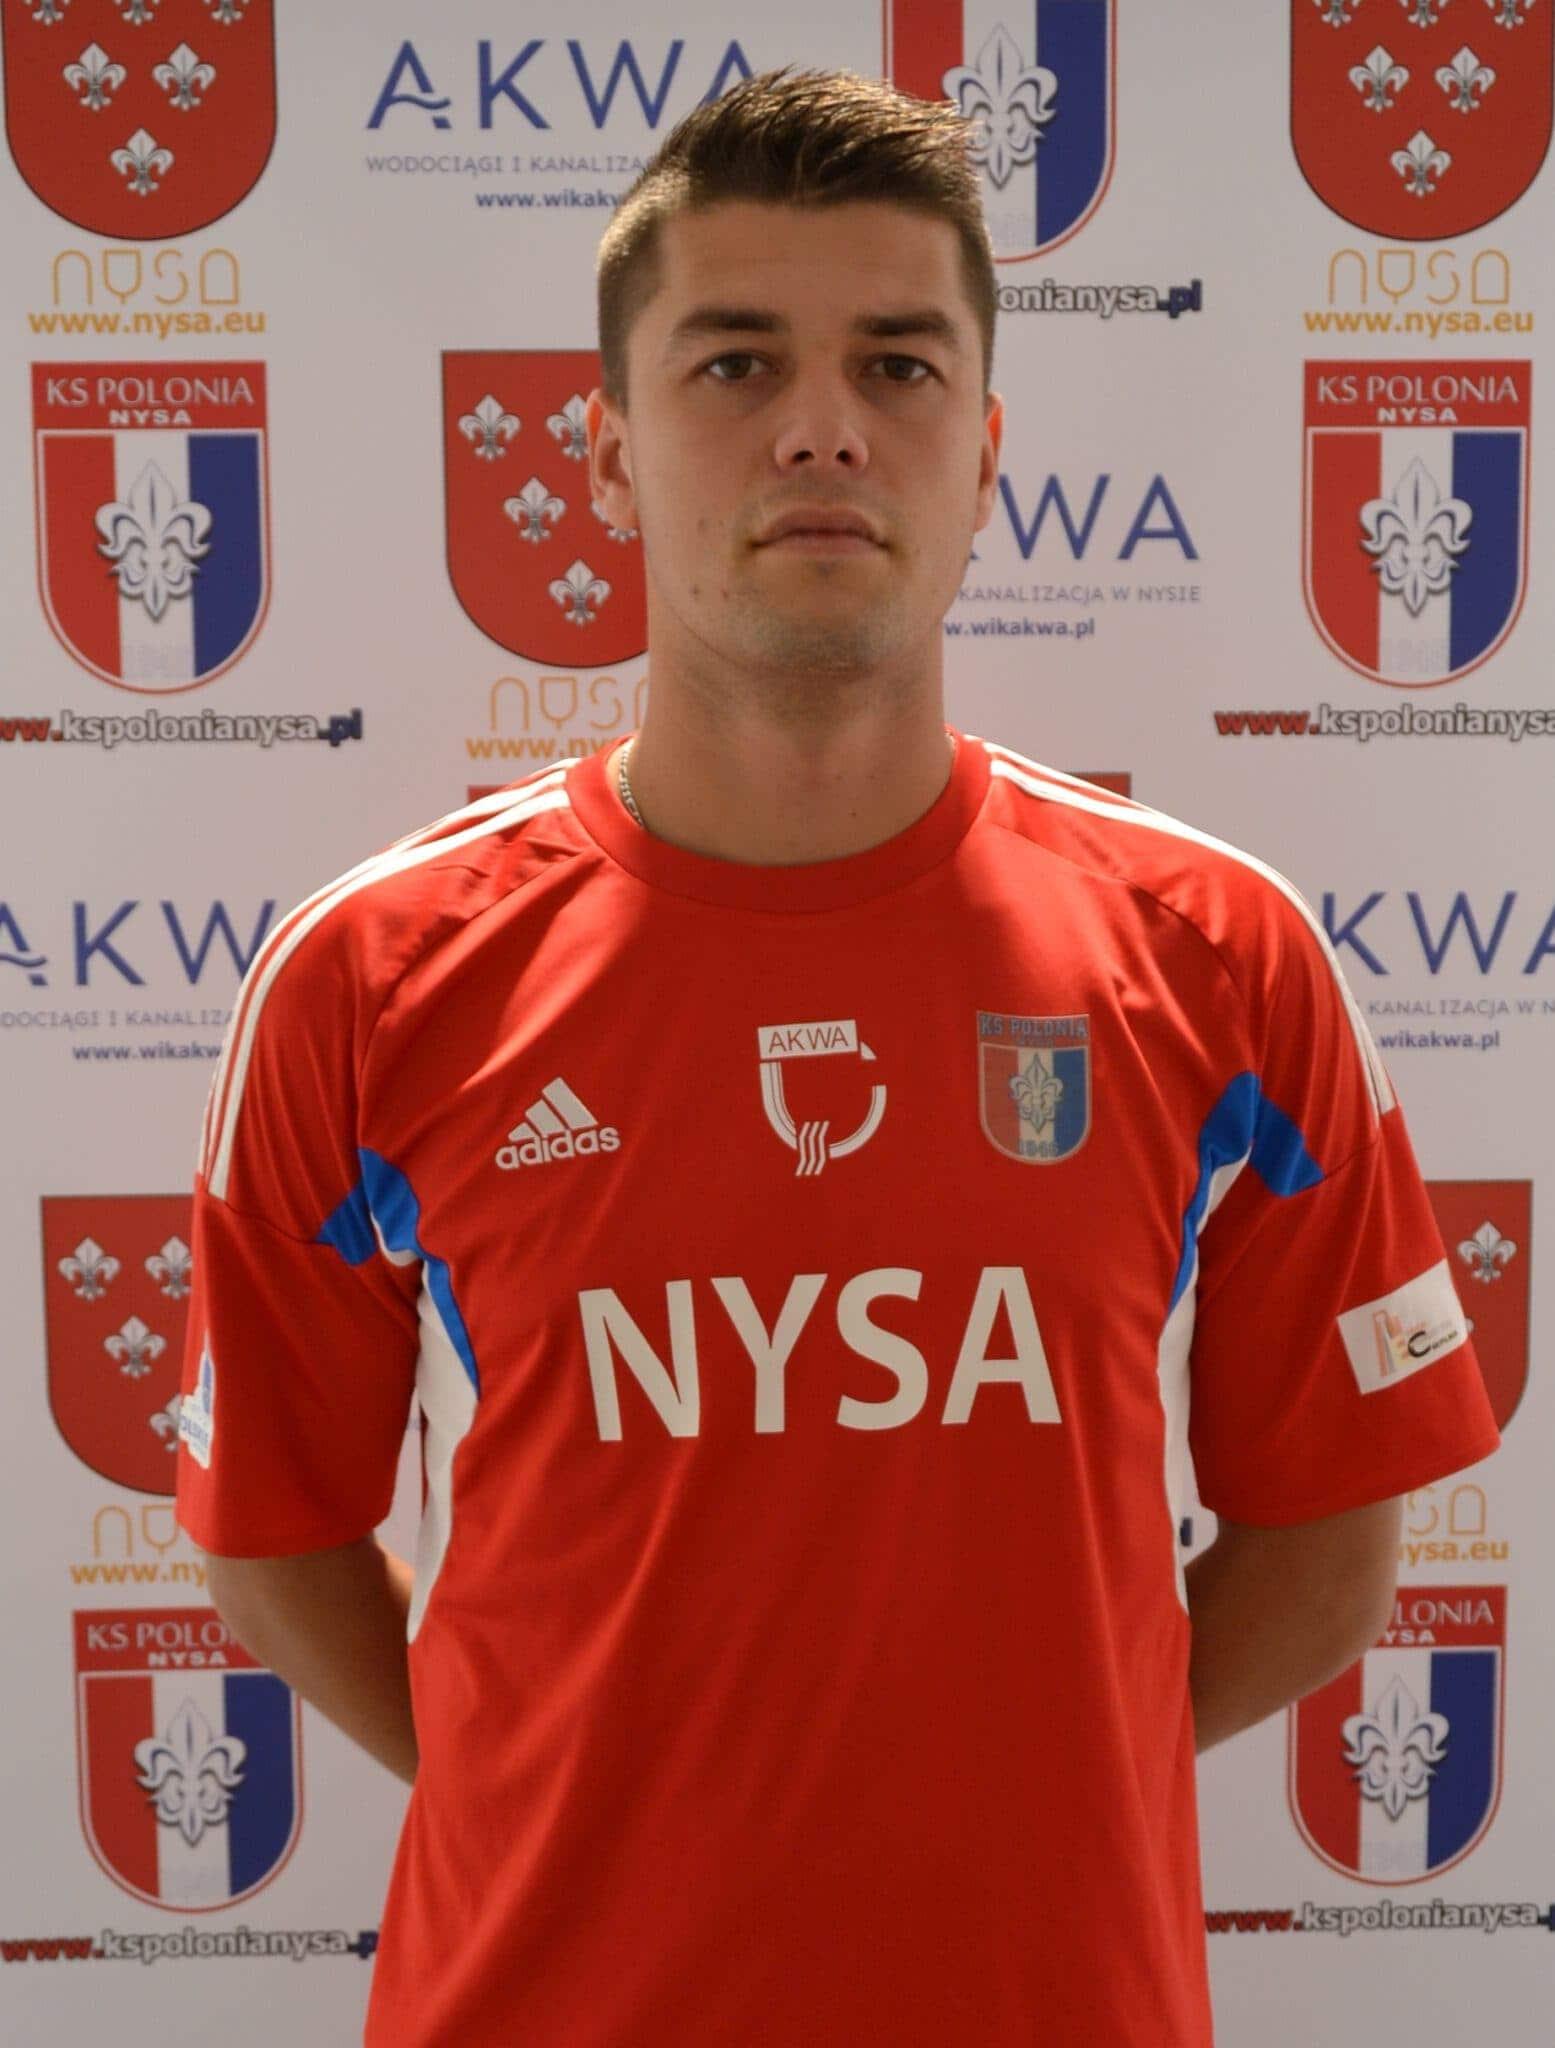 Kacper Fedorowicz